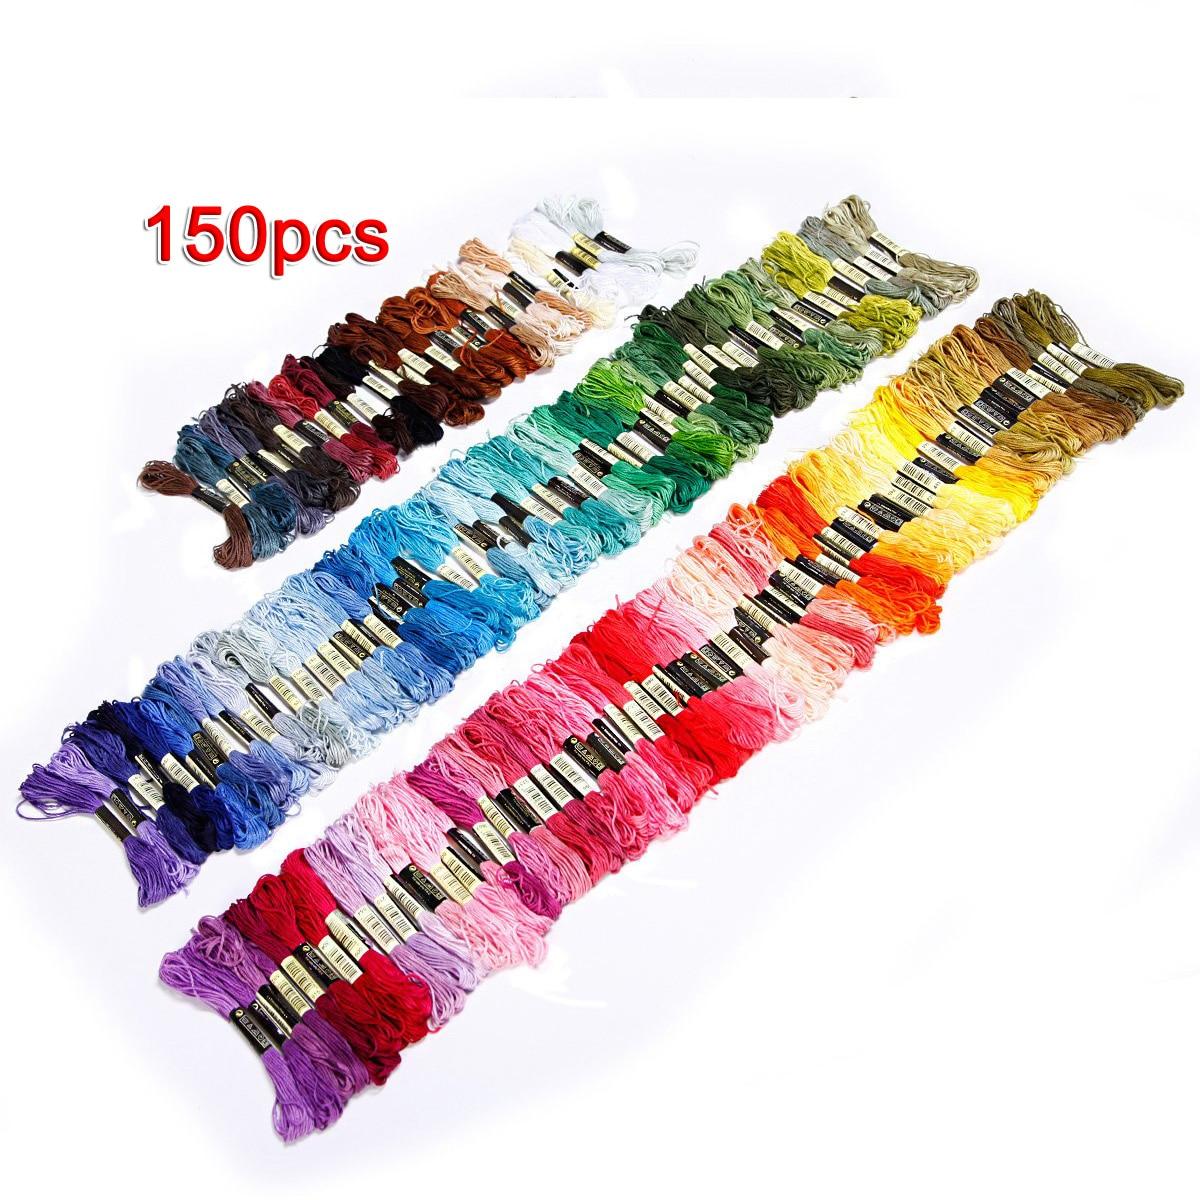 150 madejas de hilo bordado multicolor para punto de cruz